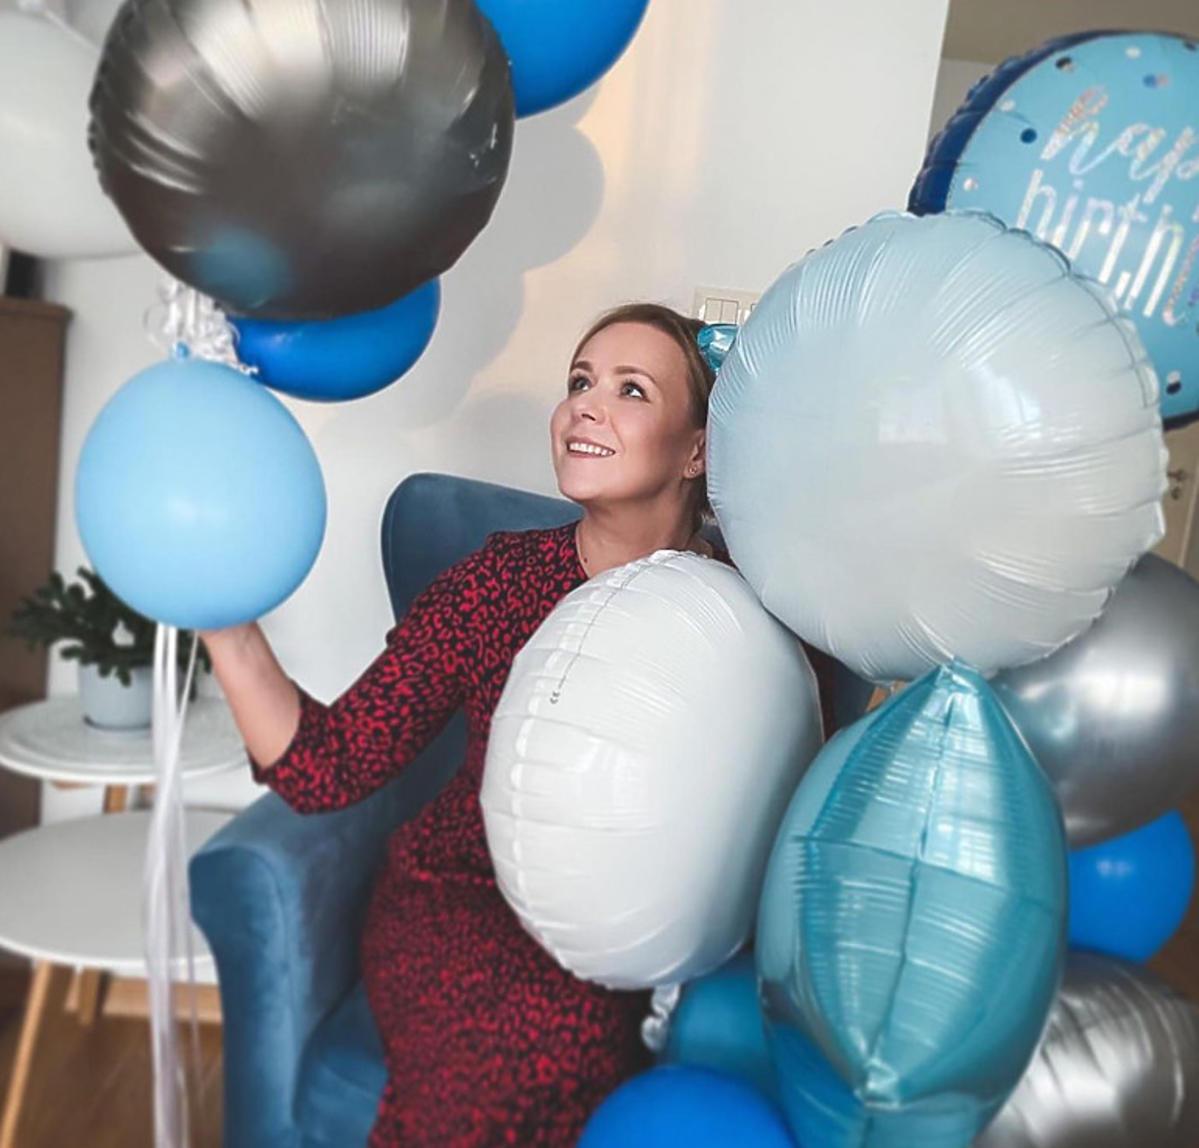 Zając Aneta z balonami